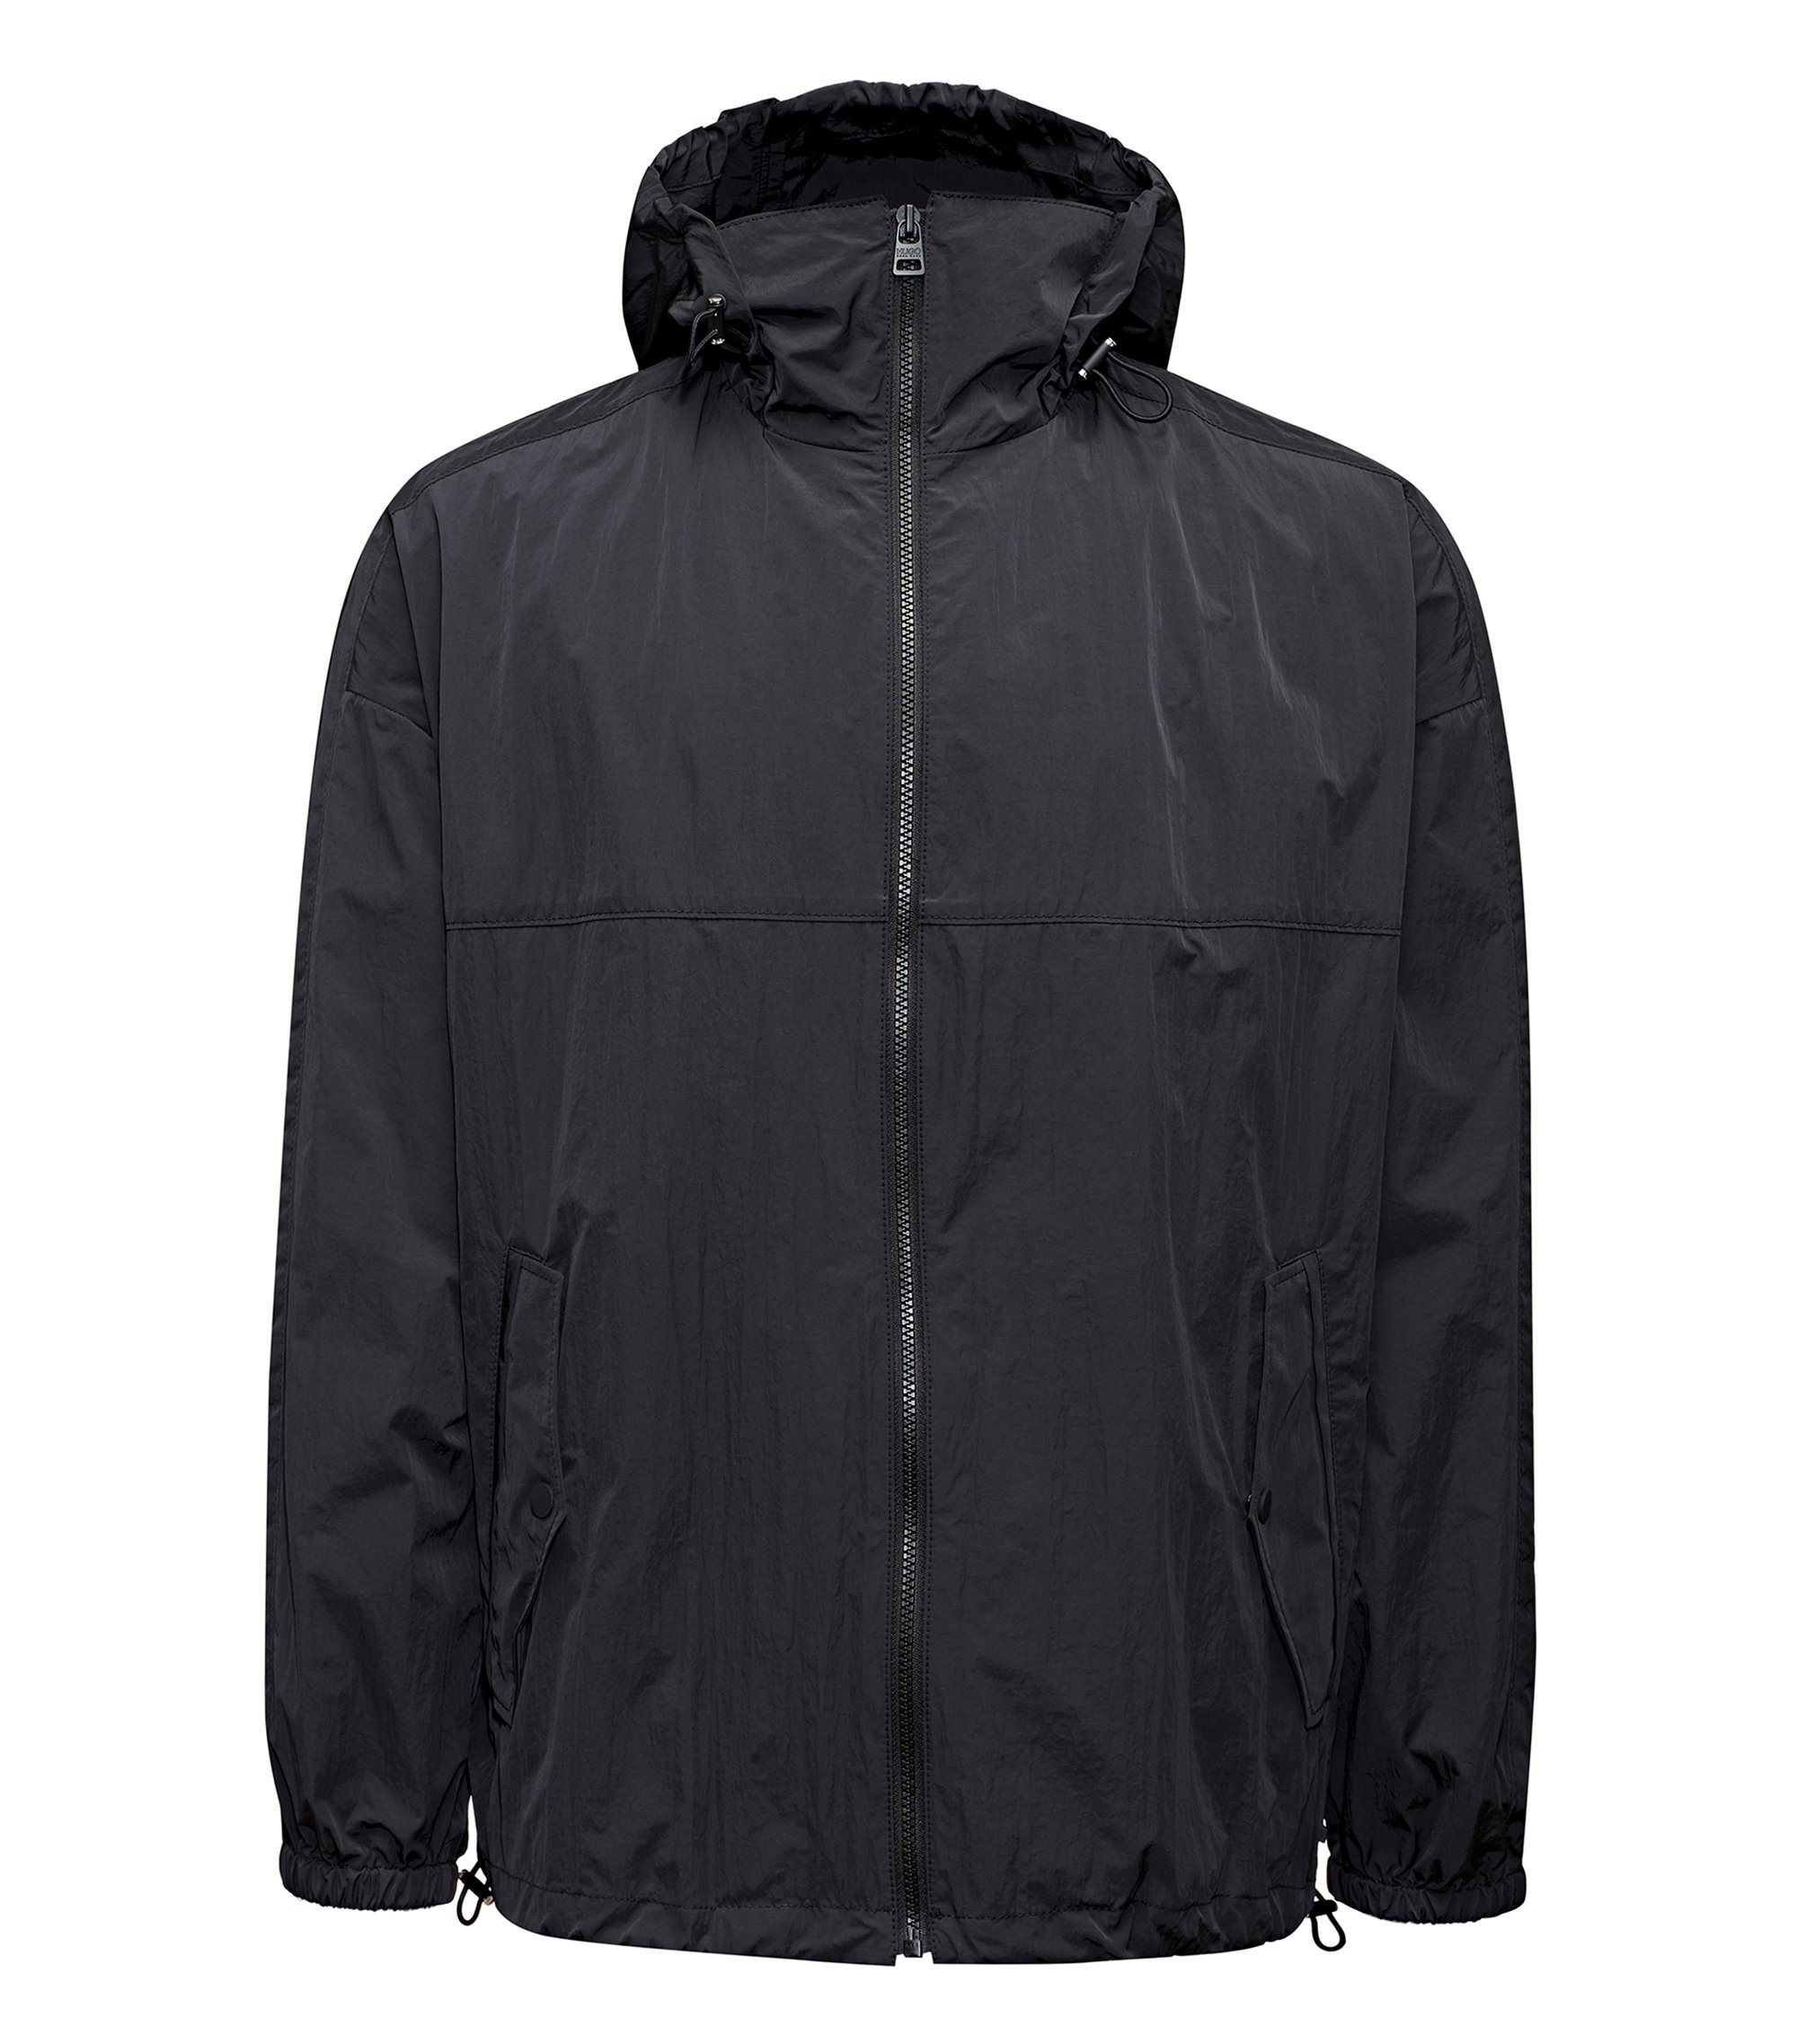 Veste à capuche Relaxed Fit en tissu imperméable, Noir